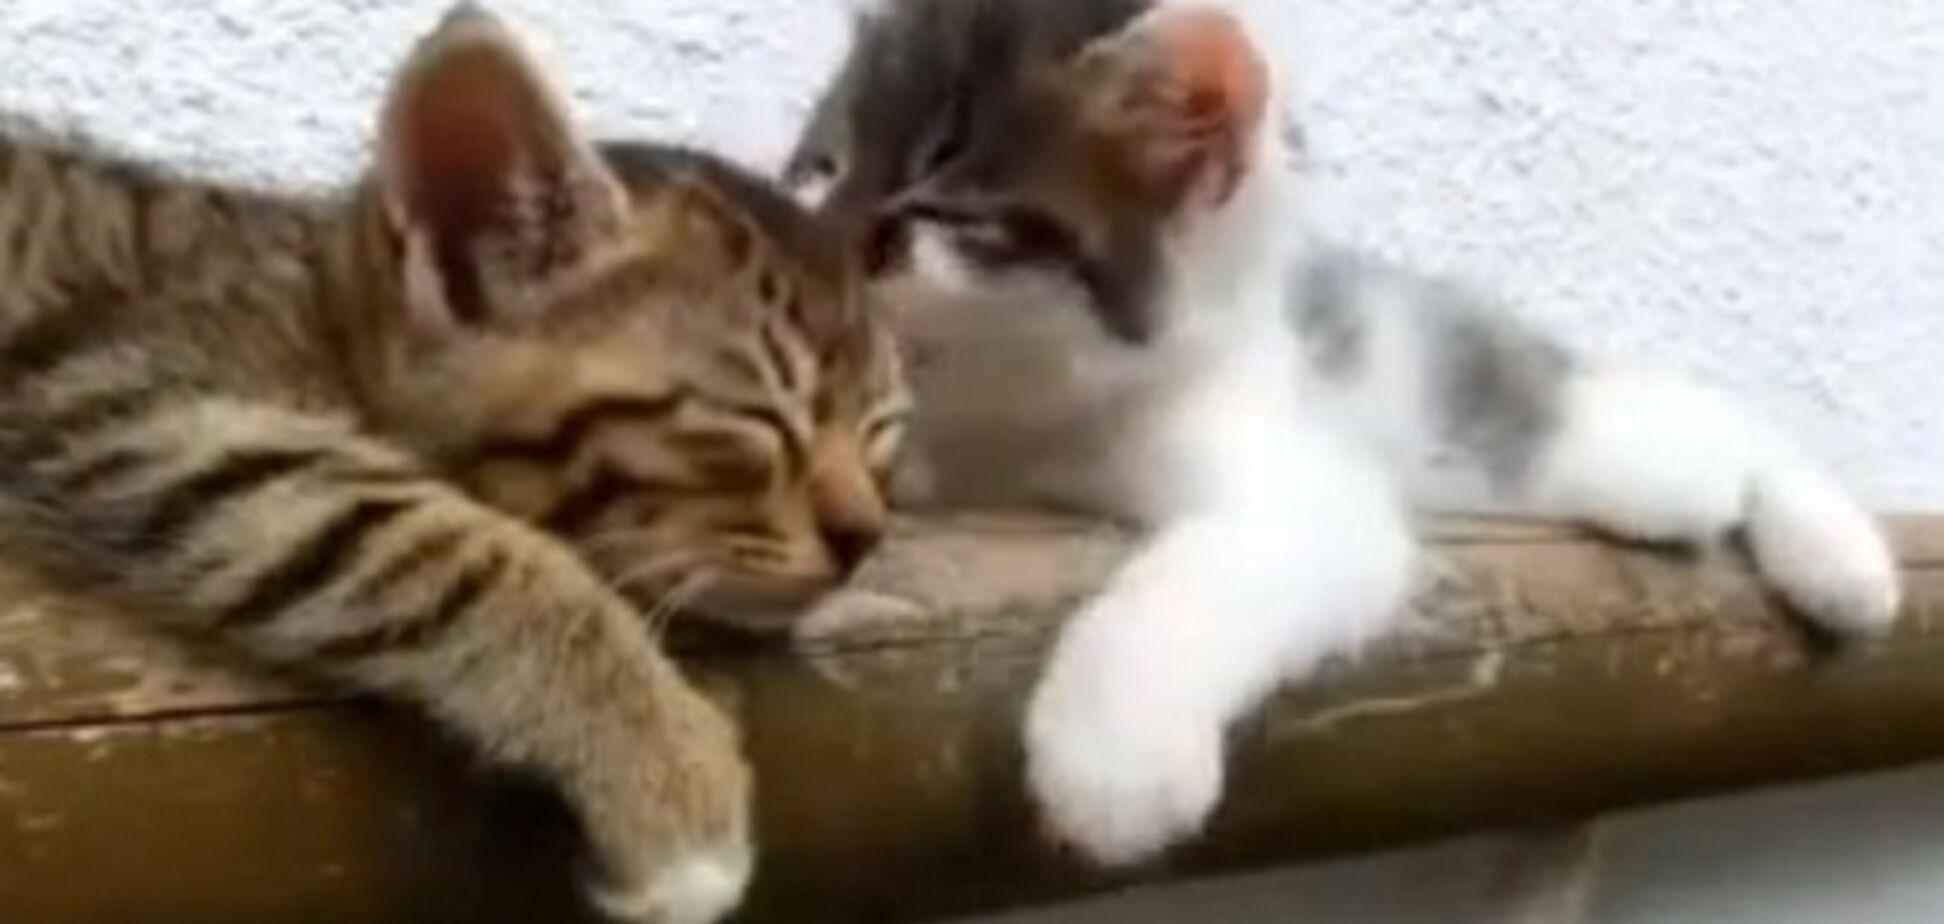 Интернет рыдает: гиперактивный котенок будит братика-соню